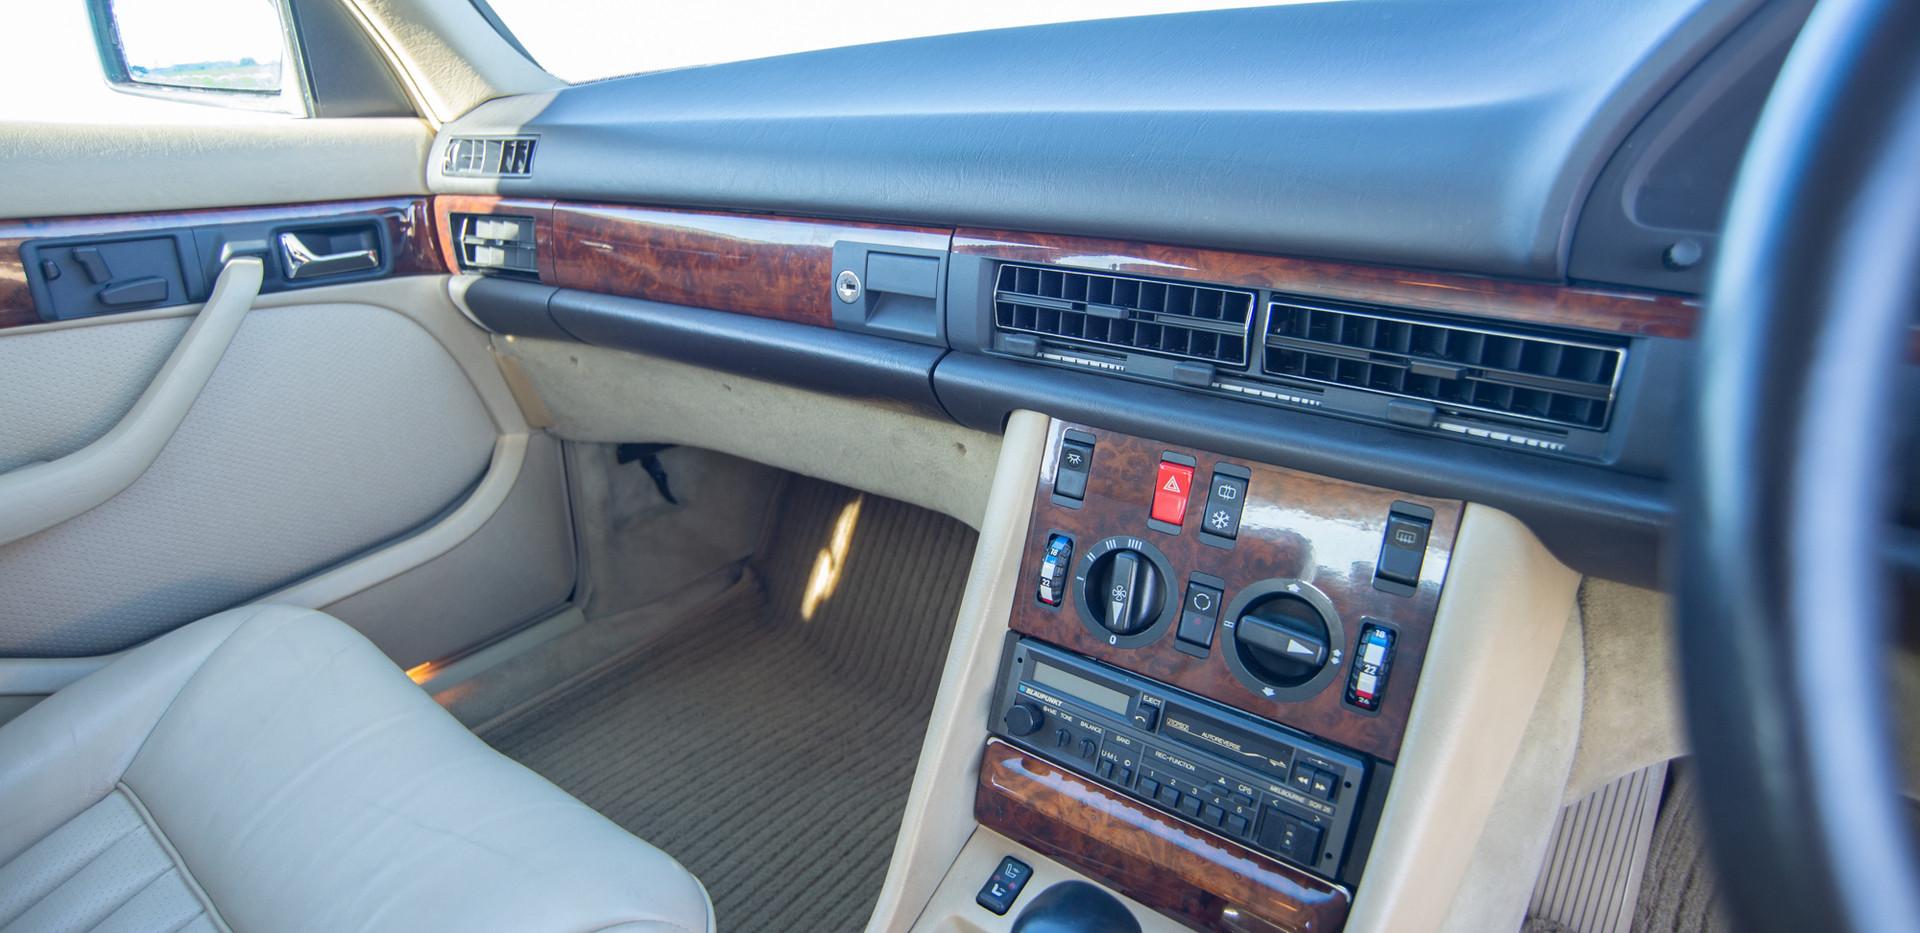 W126 420SEL E3TGW For Sale London-22.jpg